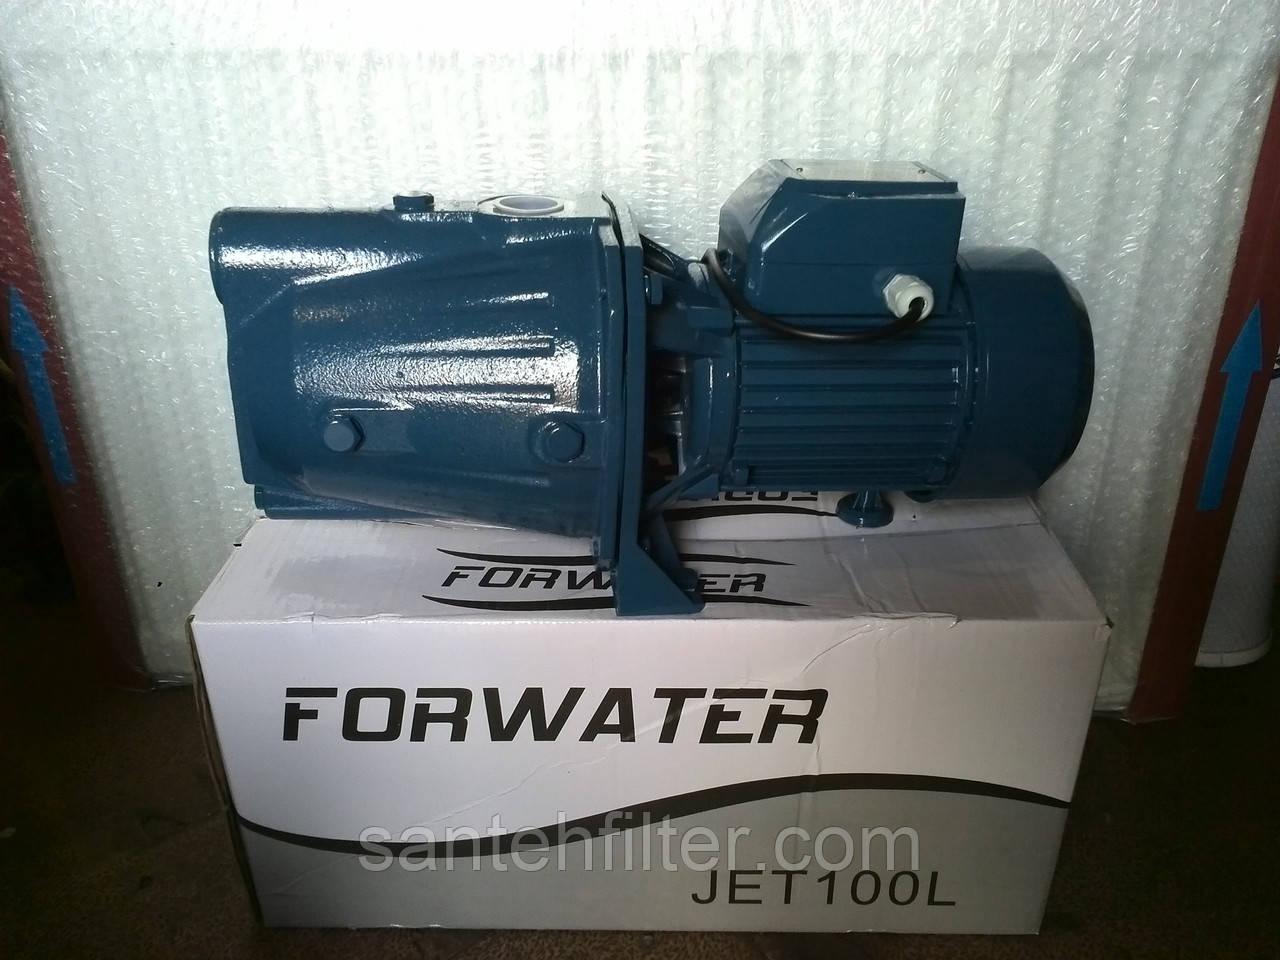 Насос JET100L Forwater (Форватер) 1.1кВт поверхностный центробежный